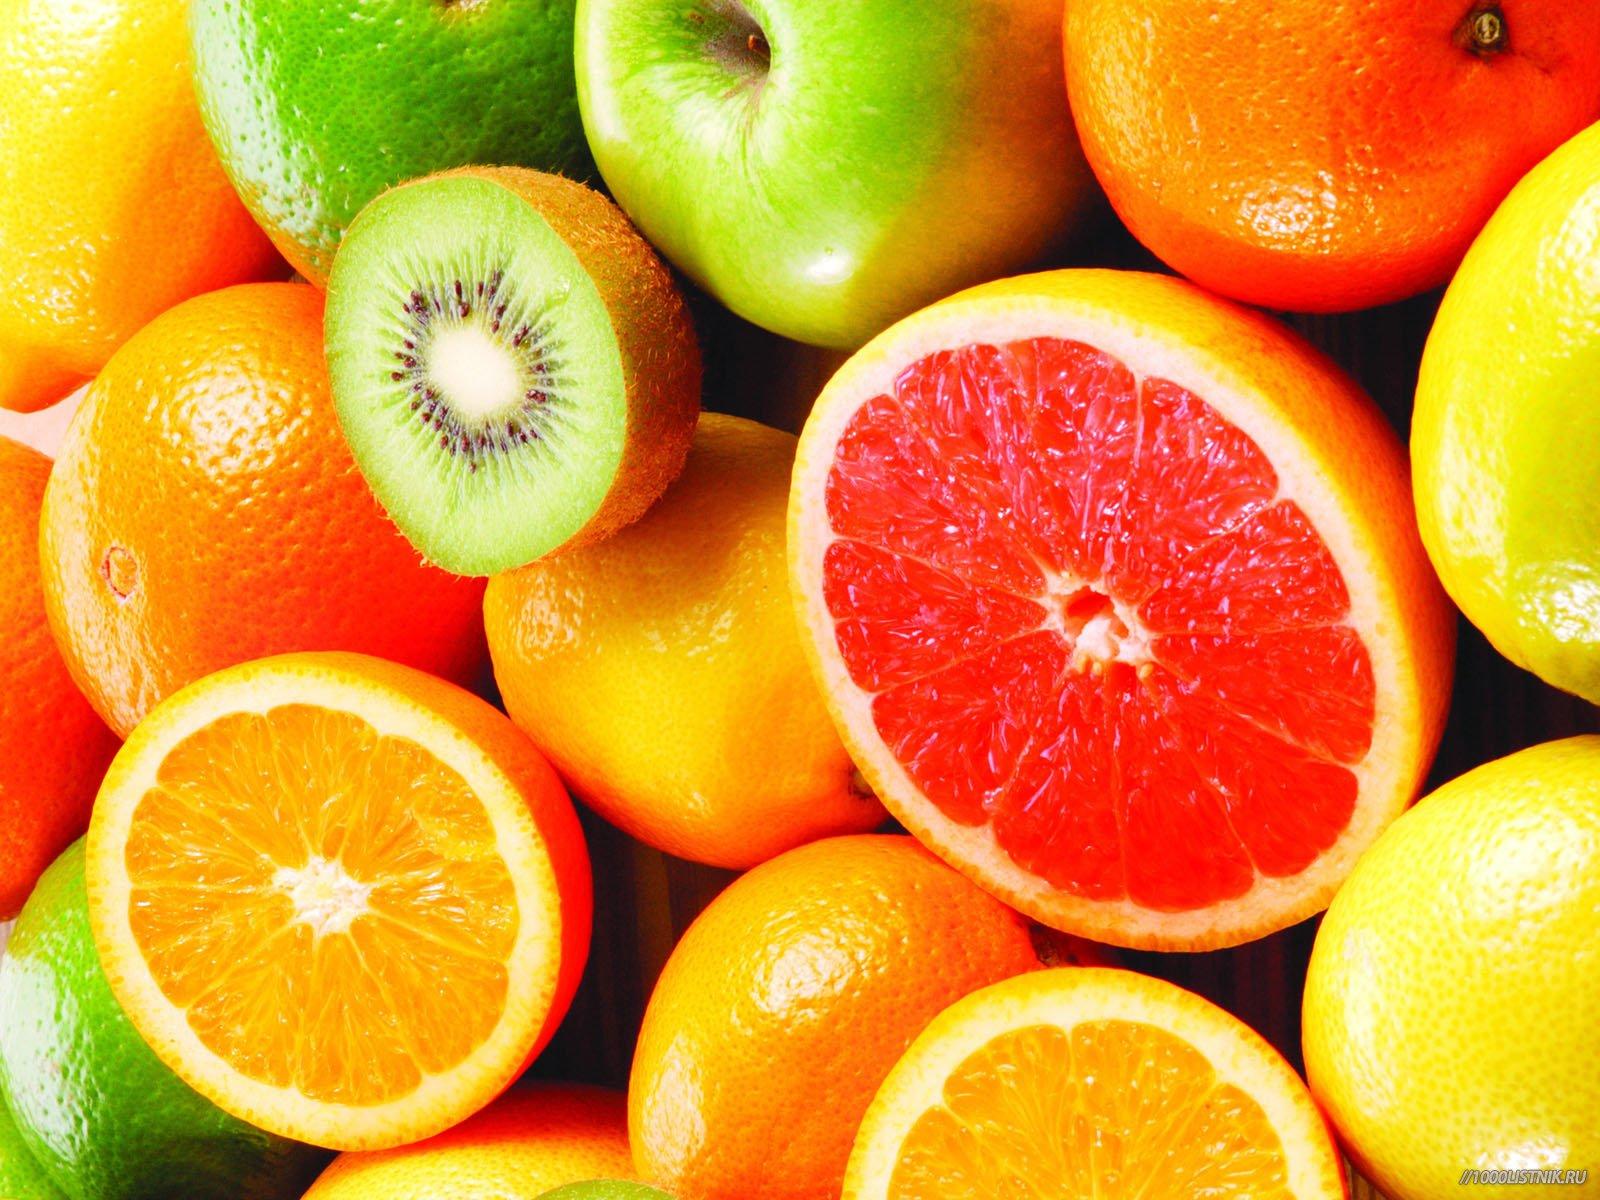 Фото - Наш рацион: польза цитрусовых фруктов